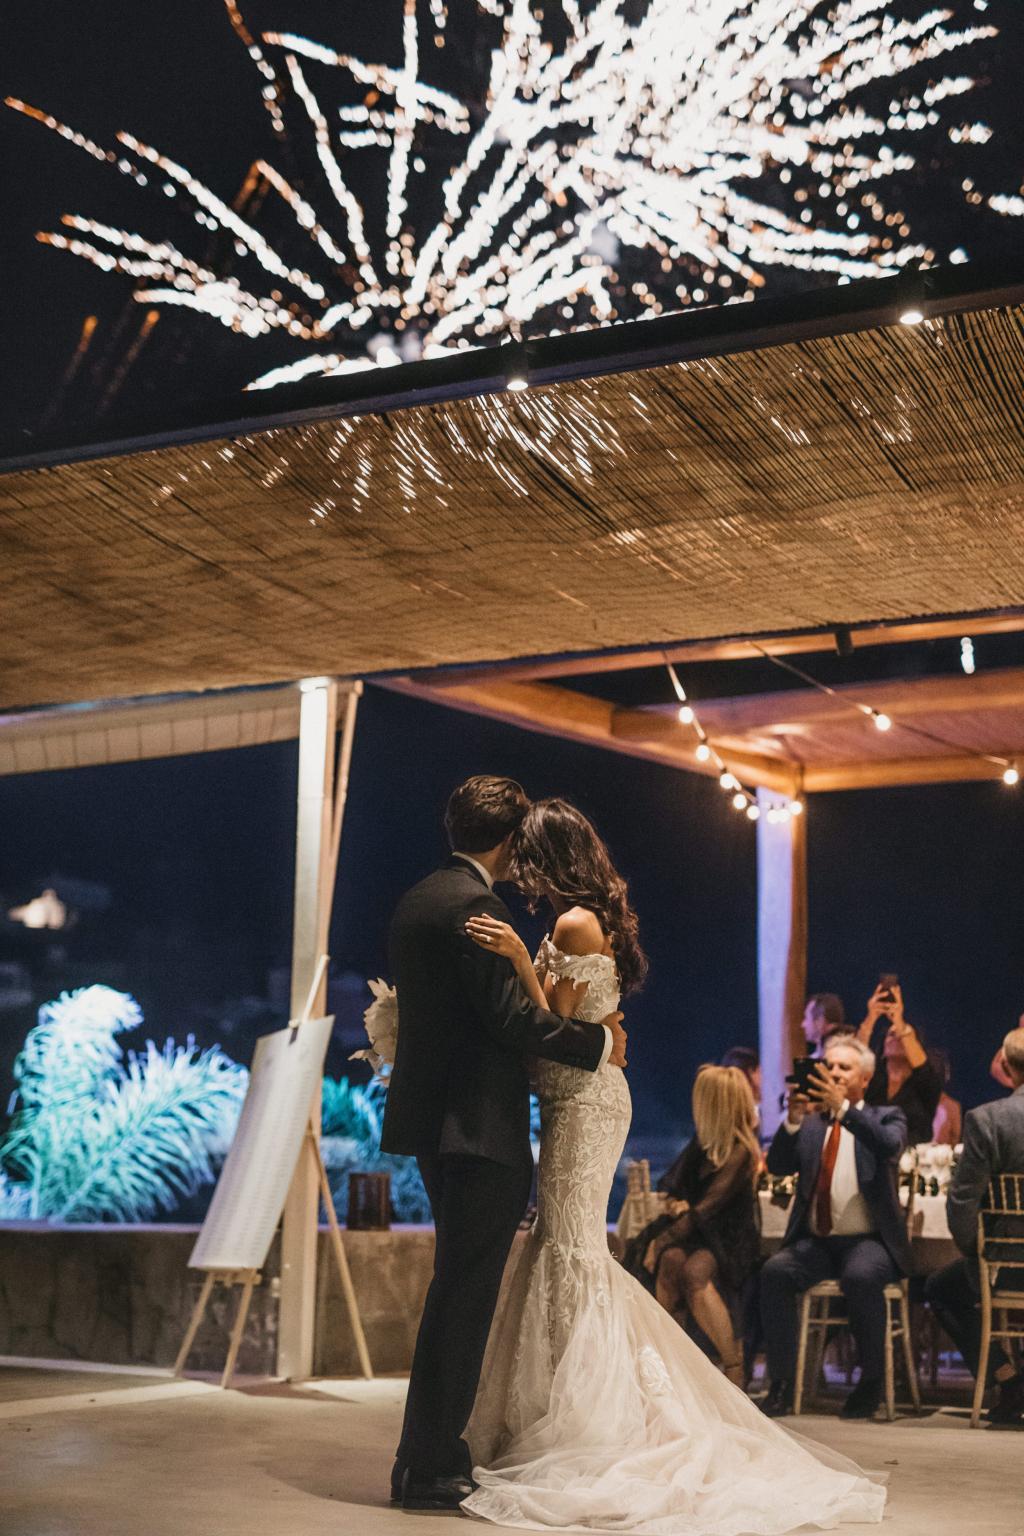 H&W Syros wedding - Image 33